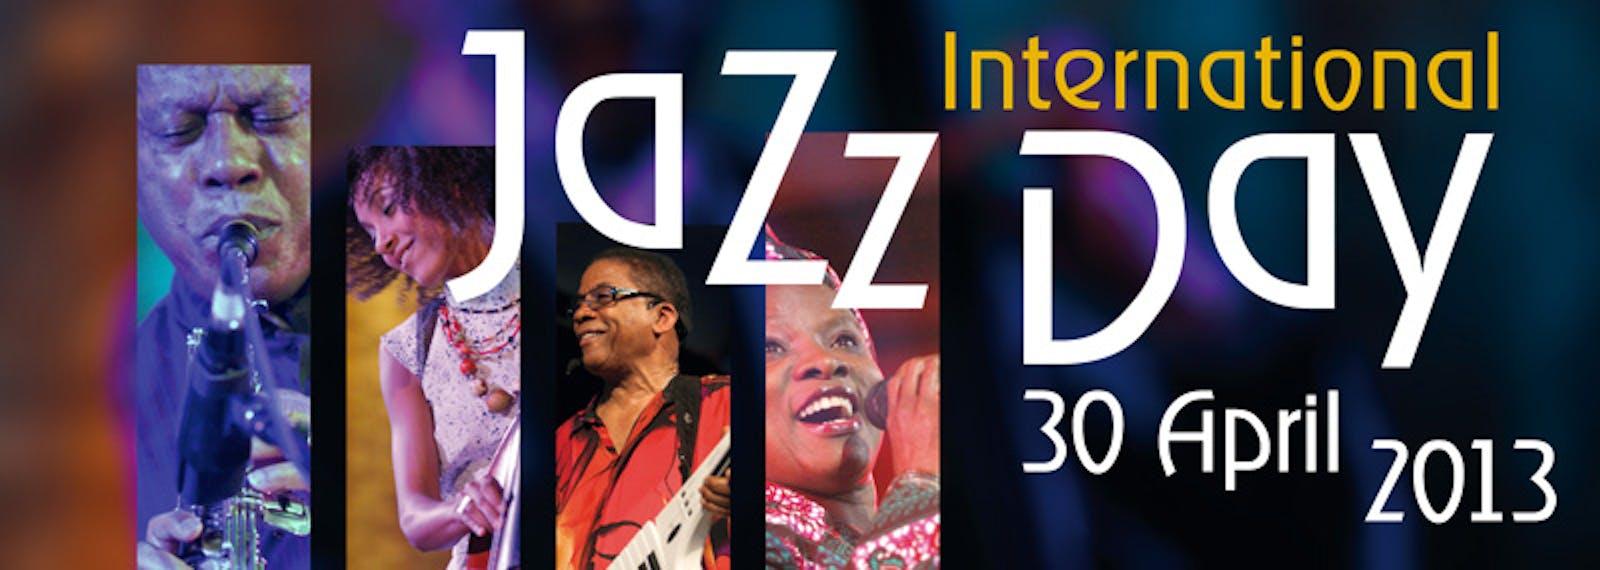 30/4, a Roma l'International Jazz Day è per la Siria